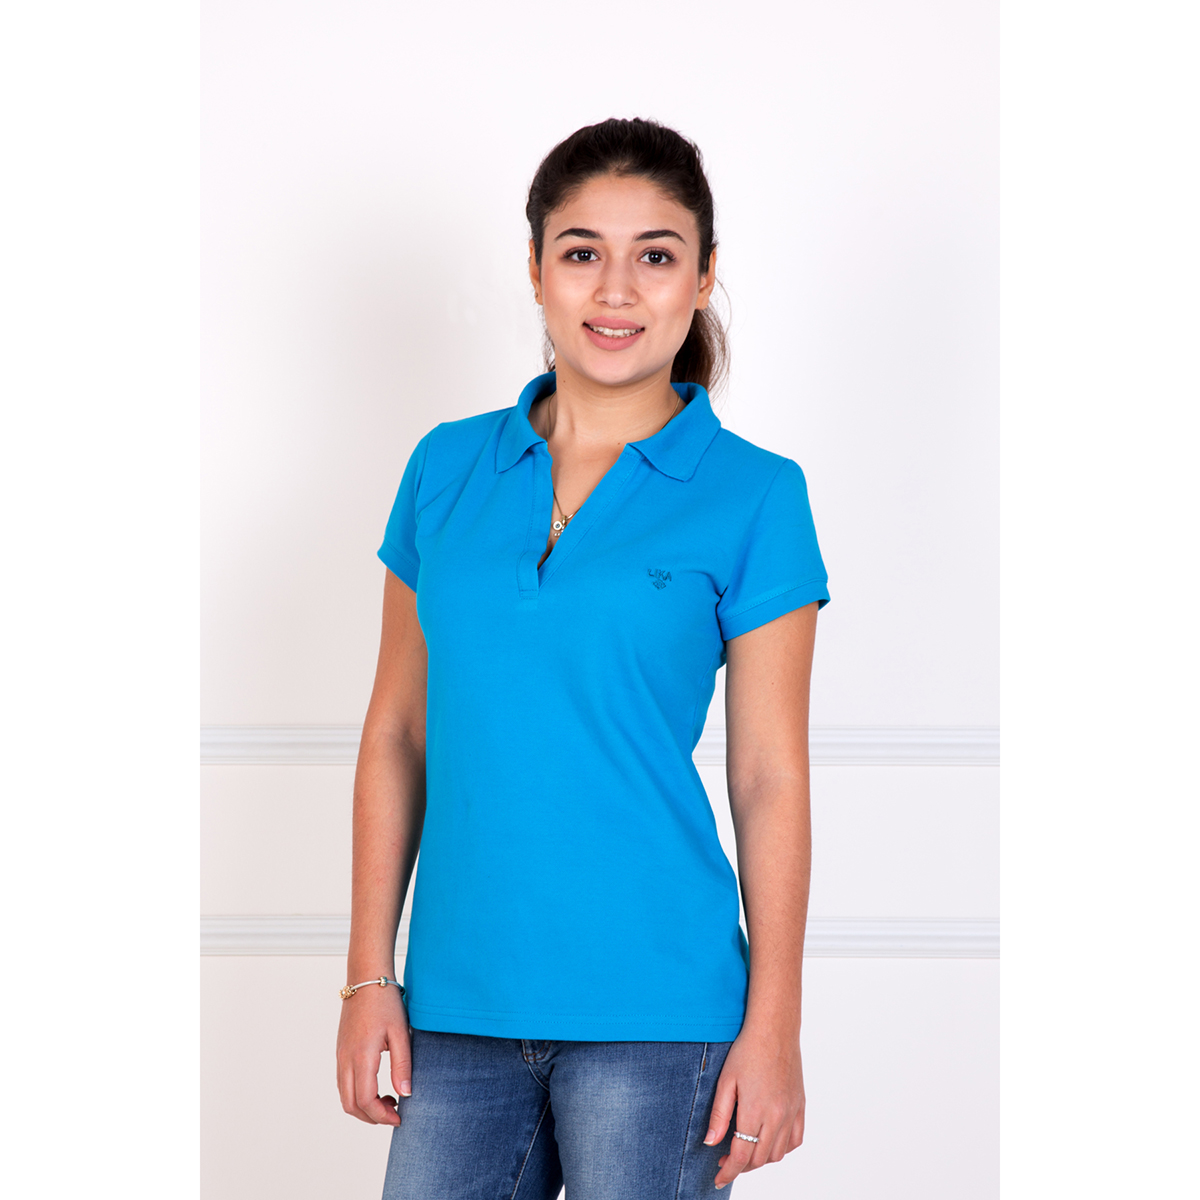 Женская футболка-поло Шерт Голубой, размер 40Майки и футболки<br>Обхват груди: 80 см <br>Обхват талии: 62 см <br>Обхват бедер: 88 см <br>Рост: 167 см<br><br>Тип: Жен. футболка<br>Размер: 40<br>Материал: Пике